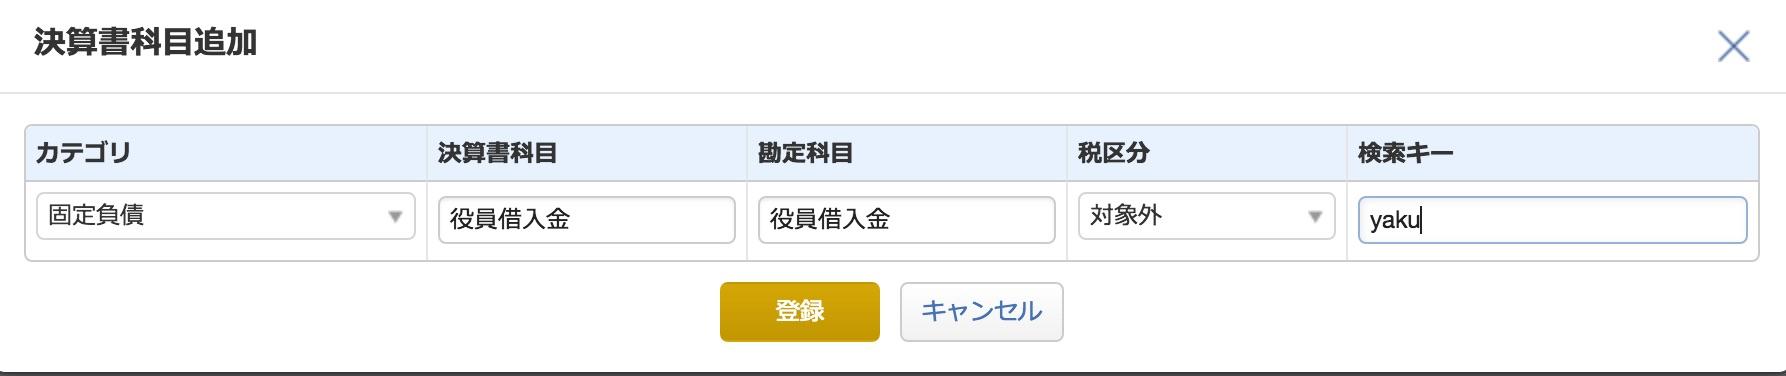 「マネーフォワードクラウド会計・確定申告」-勘定科目の設定3